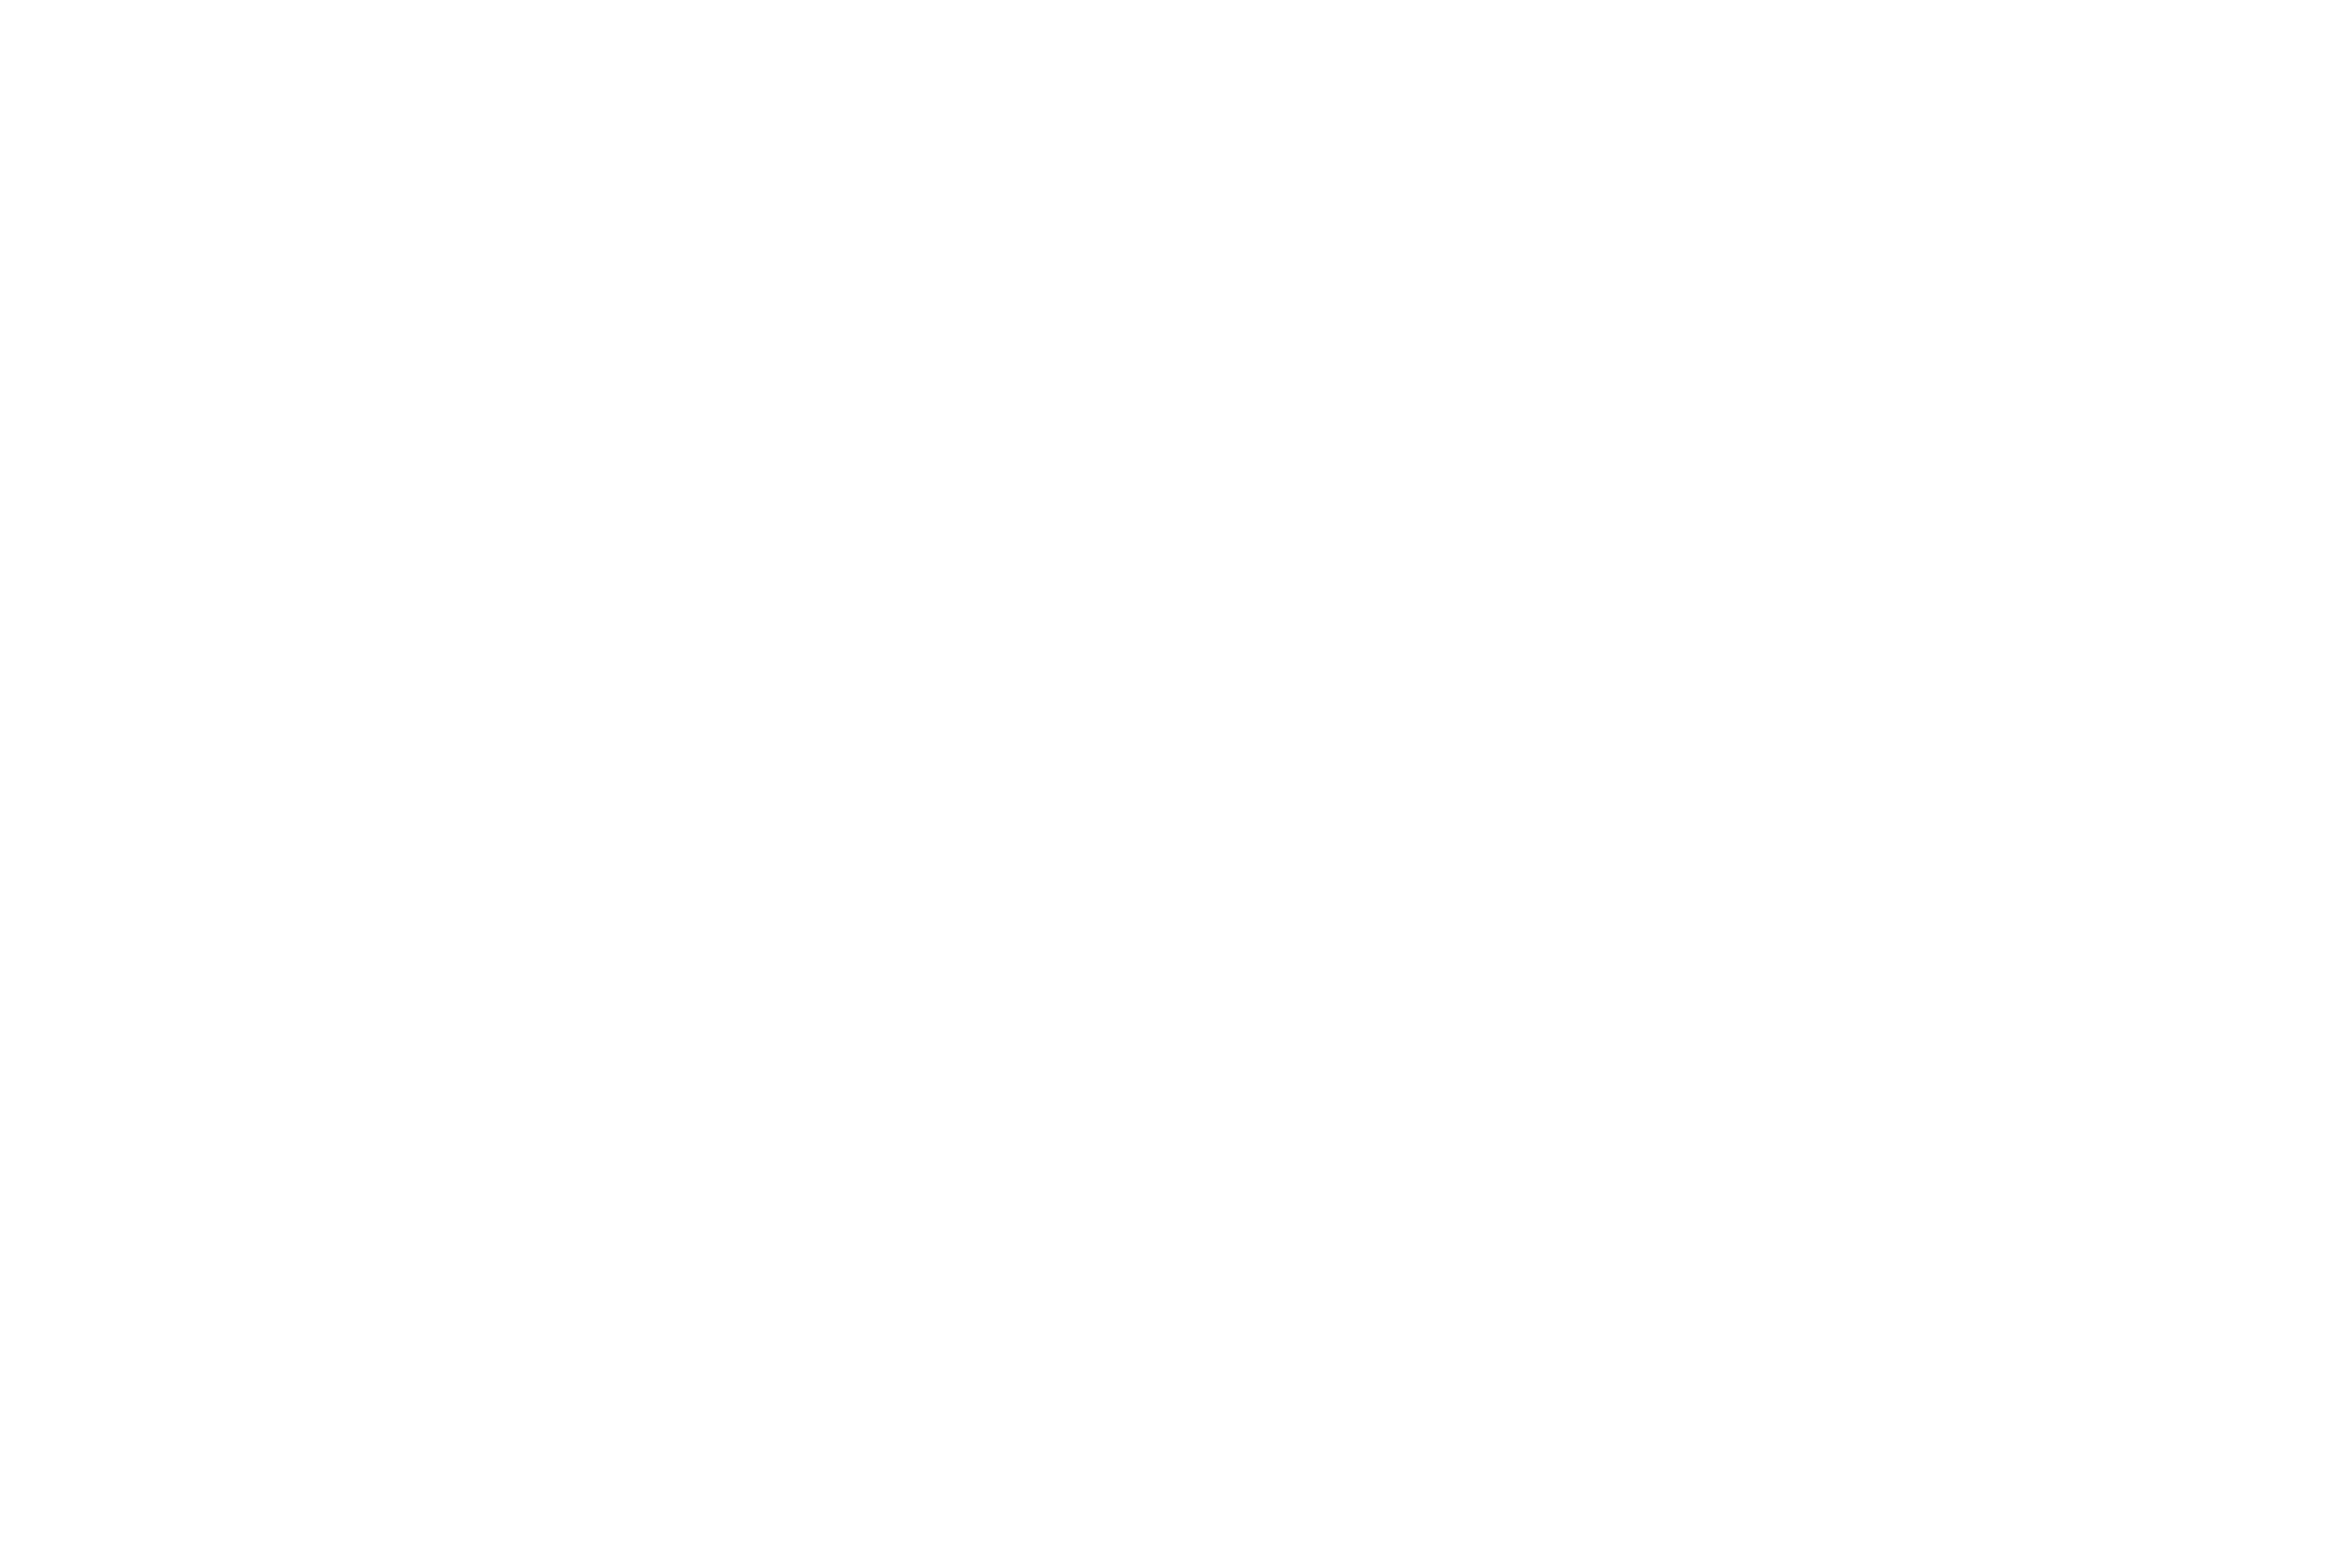 Verleih TiMaKraMo GbR